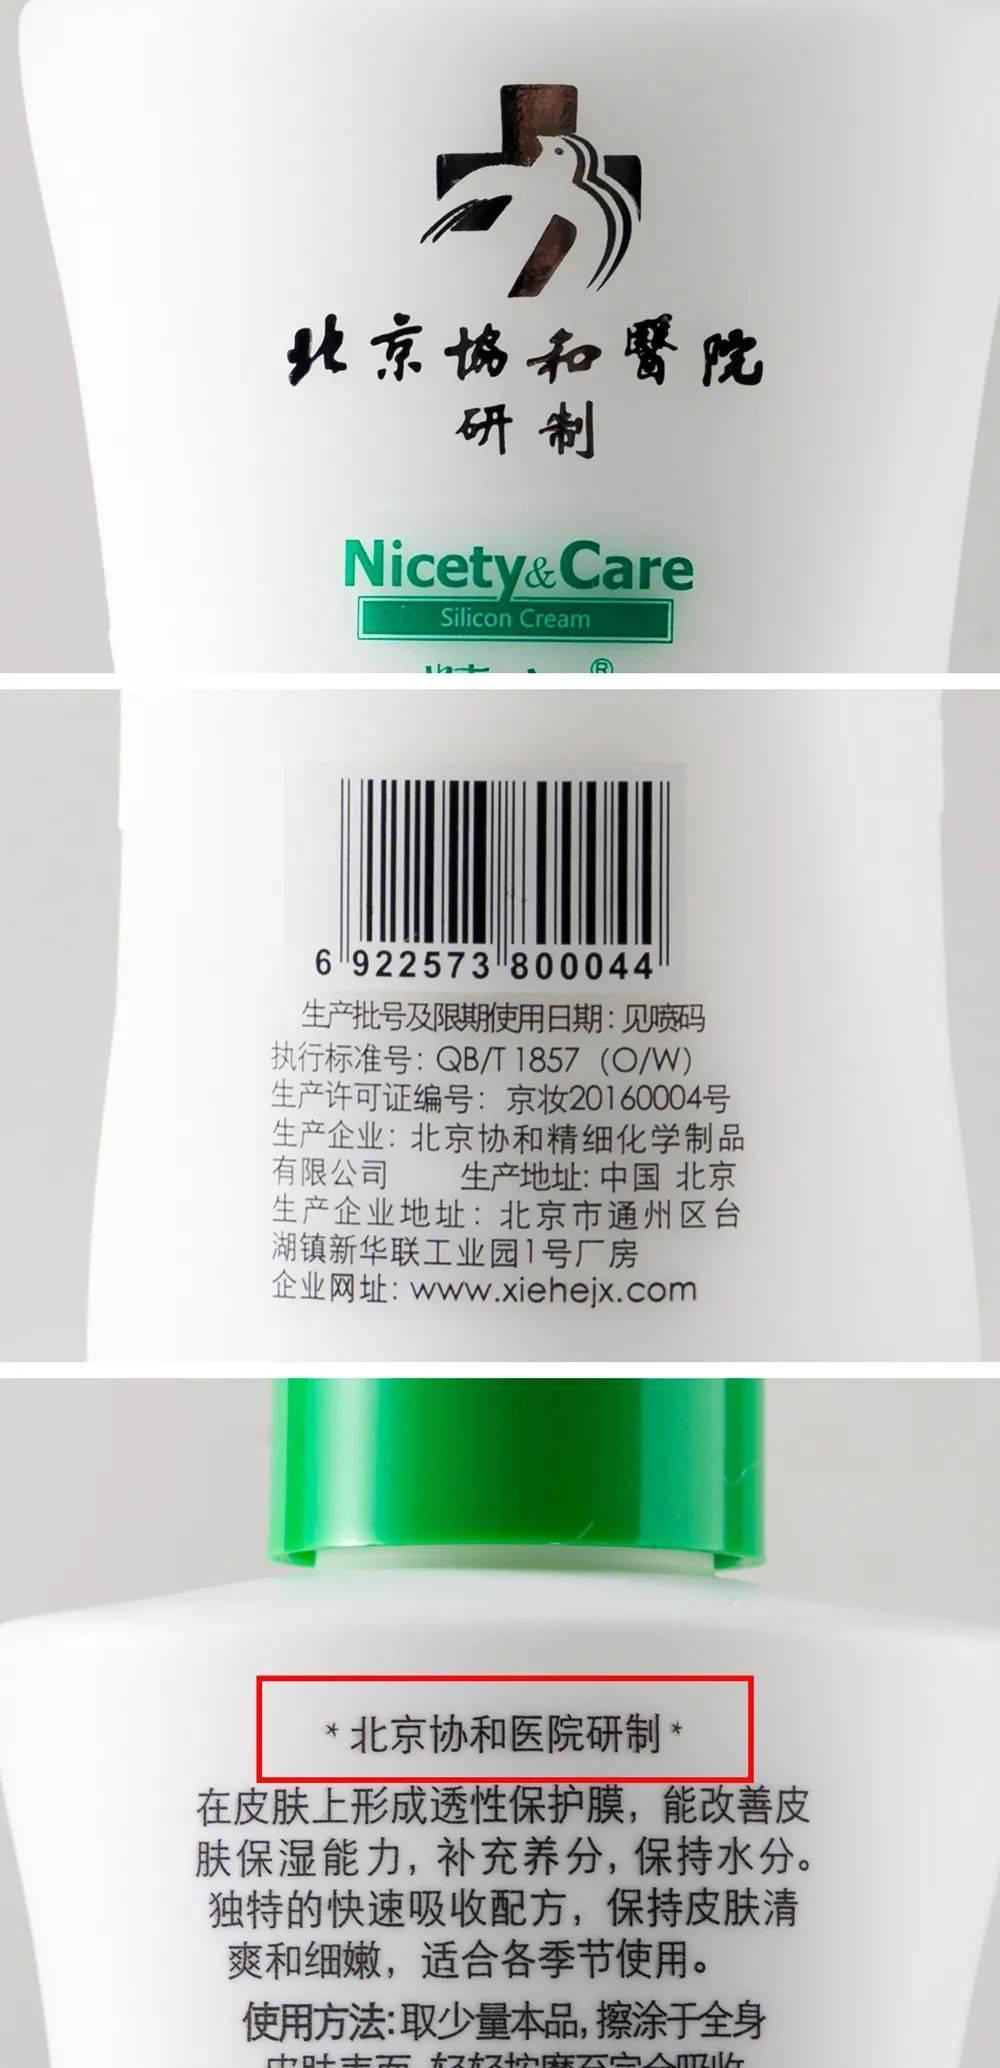 澎湃好物 | 一瓶由皮肤医生做的身体乳,到底有多好用?